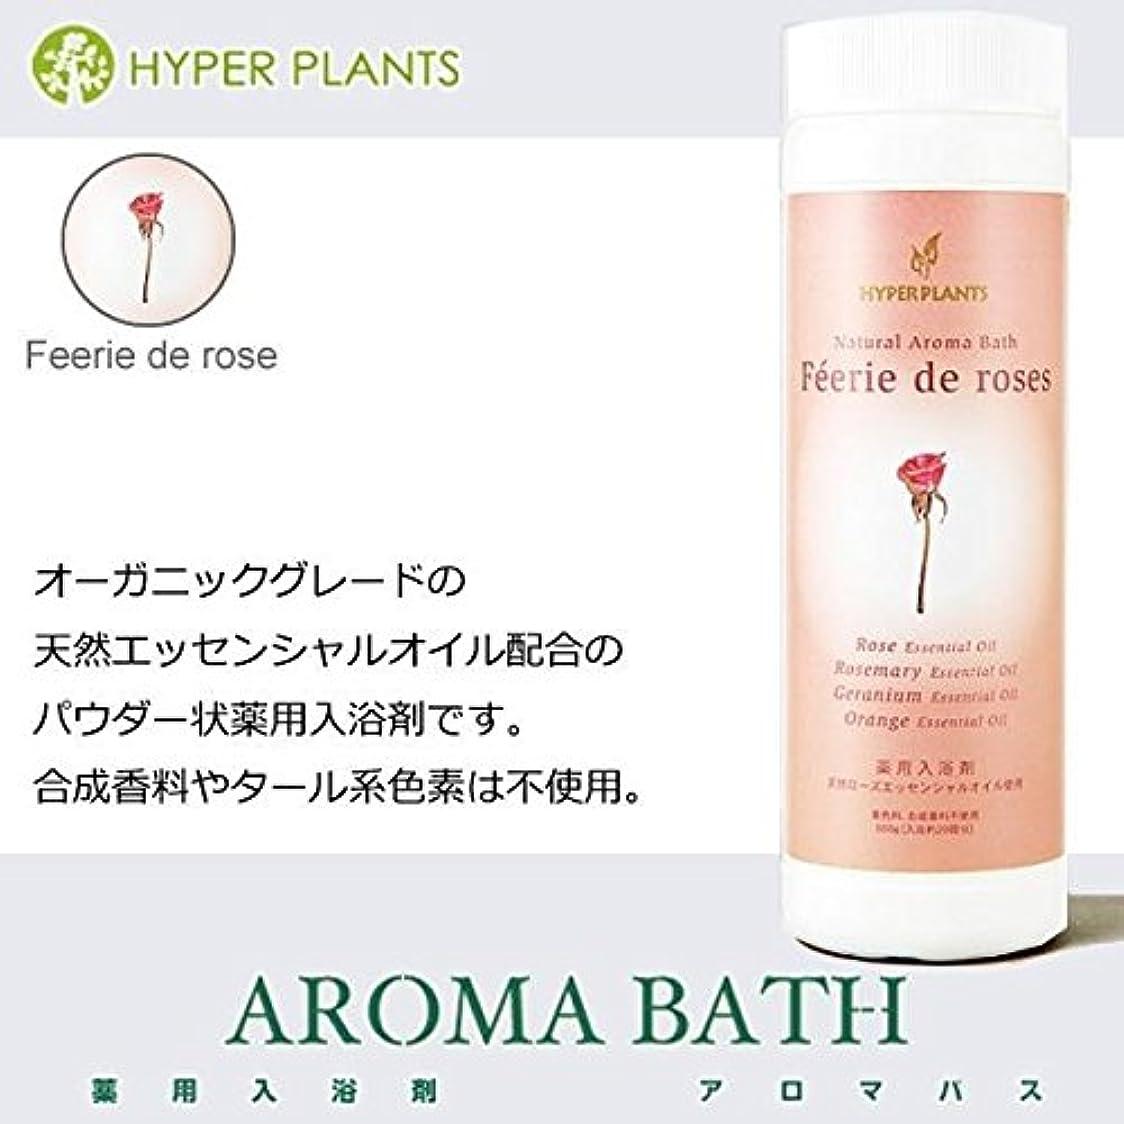 かなりの締め切り極端な医薬部外品 薬用入浴剤 ハイパープランツ(HYPER PLANTS) ナチュラルアロマバス フェリデローズ 500g HFR023